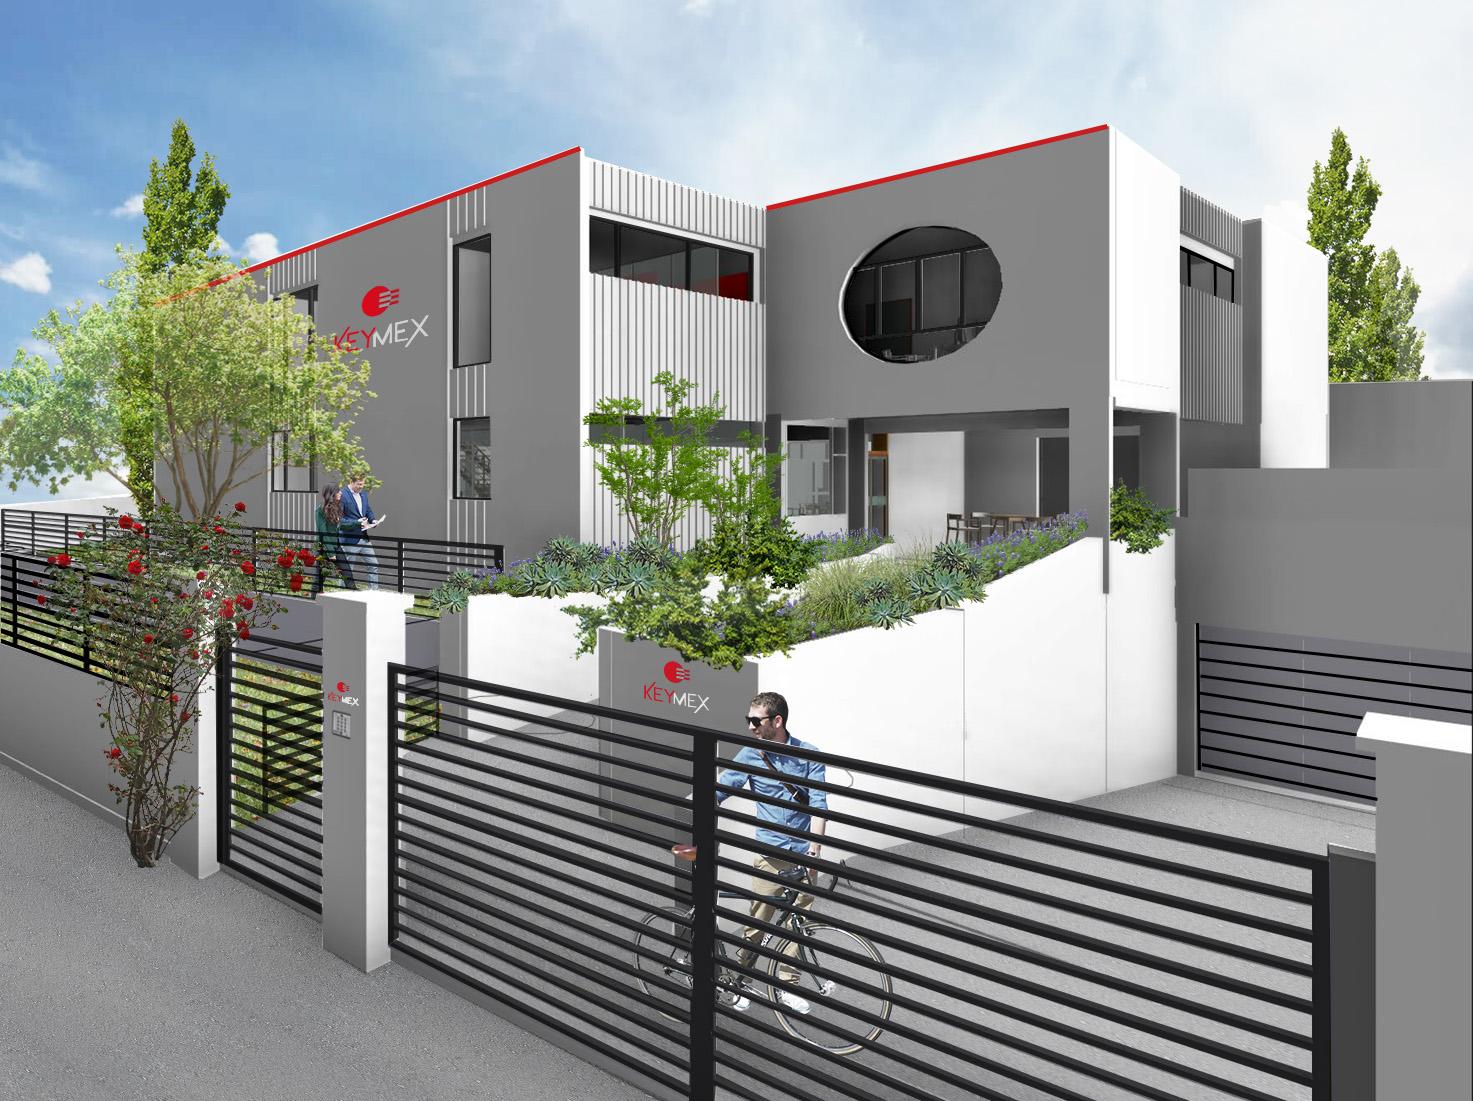 PROJET EN COURS : Centre d'affaire Keymex à Pierrefitte-sur-Seine